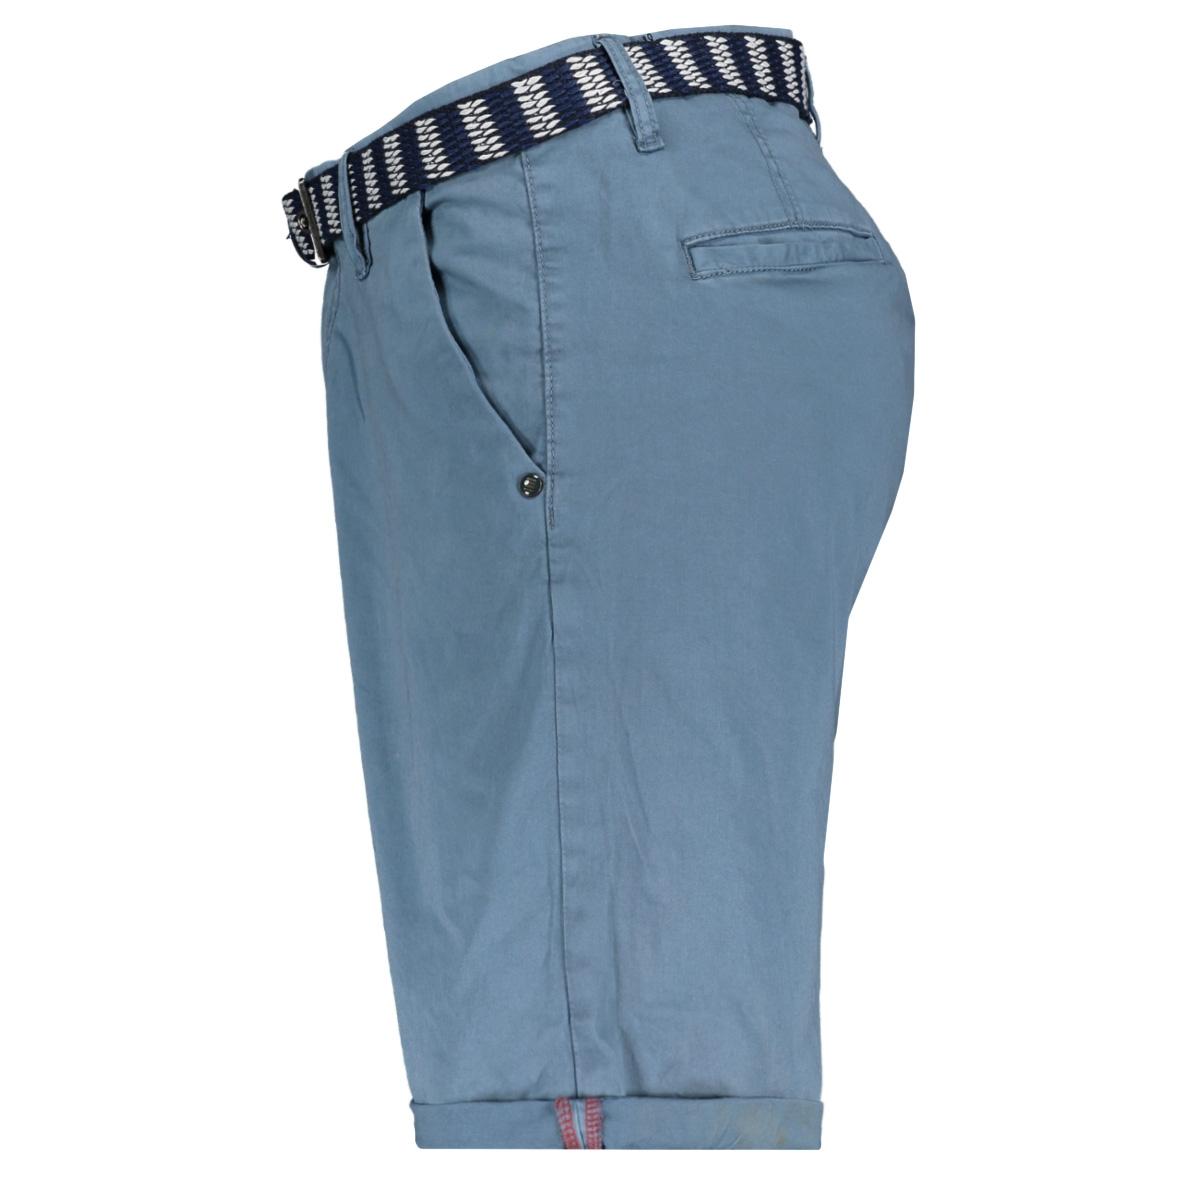 twill satin stretch shorts with belt 958190391 no-excess korte broek 123 steel